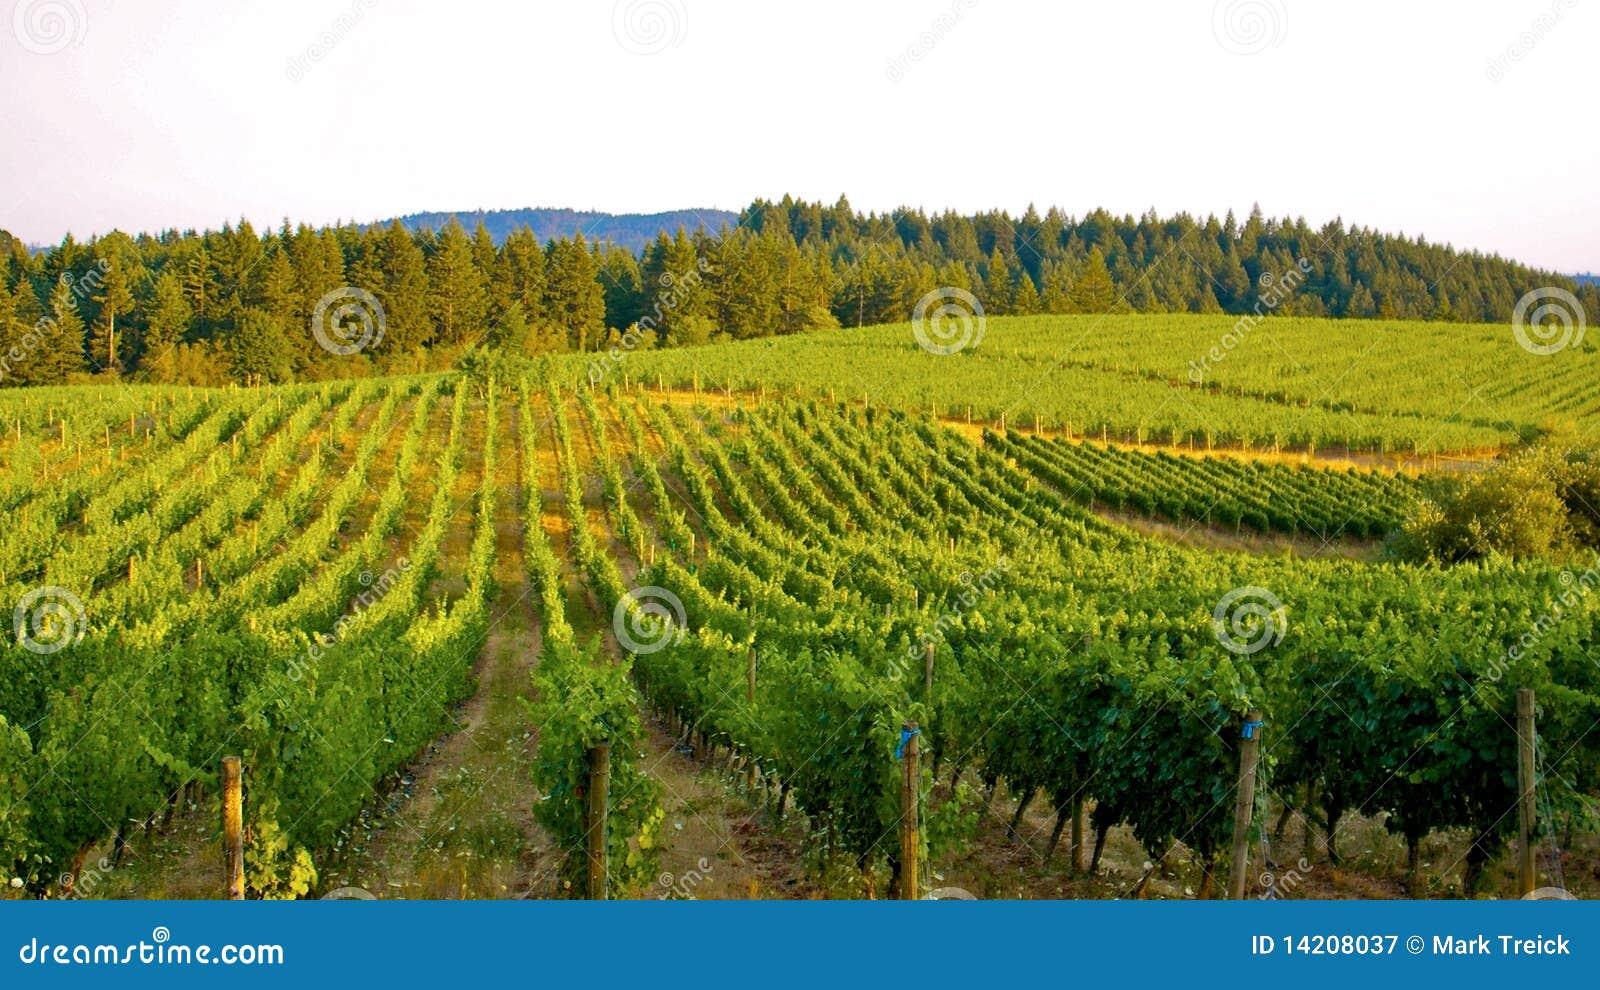 Sobre o vinhedo